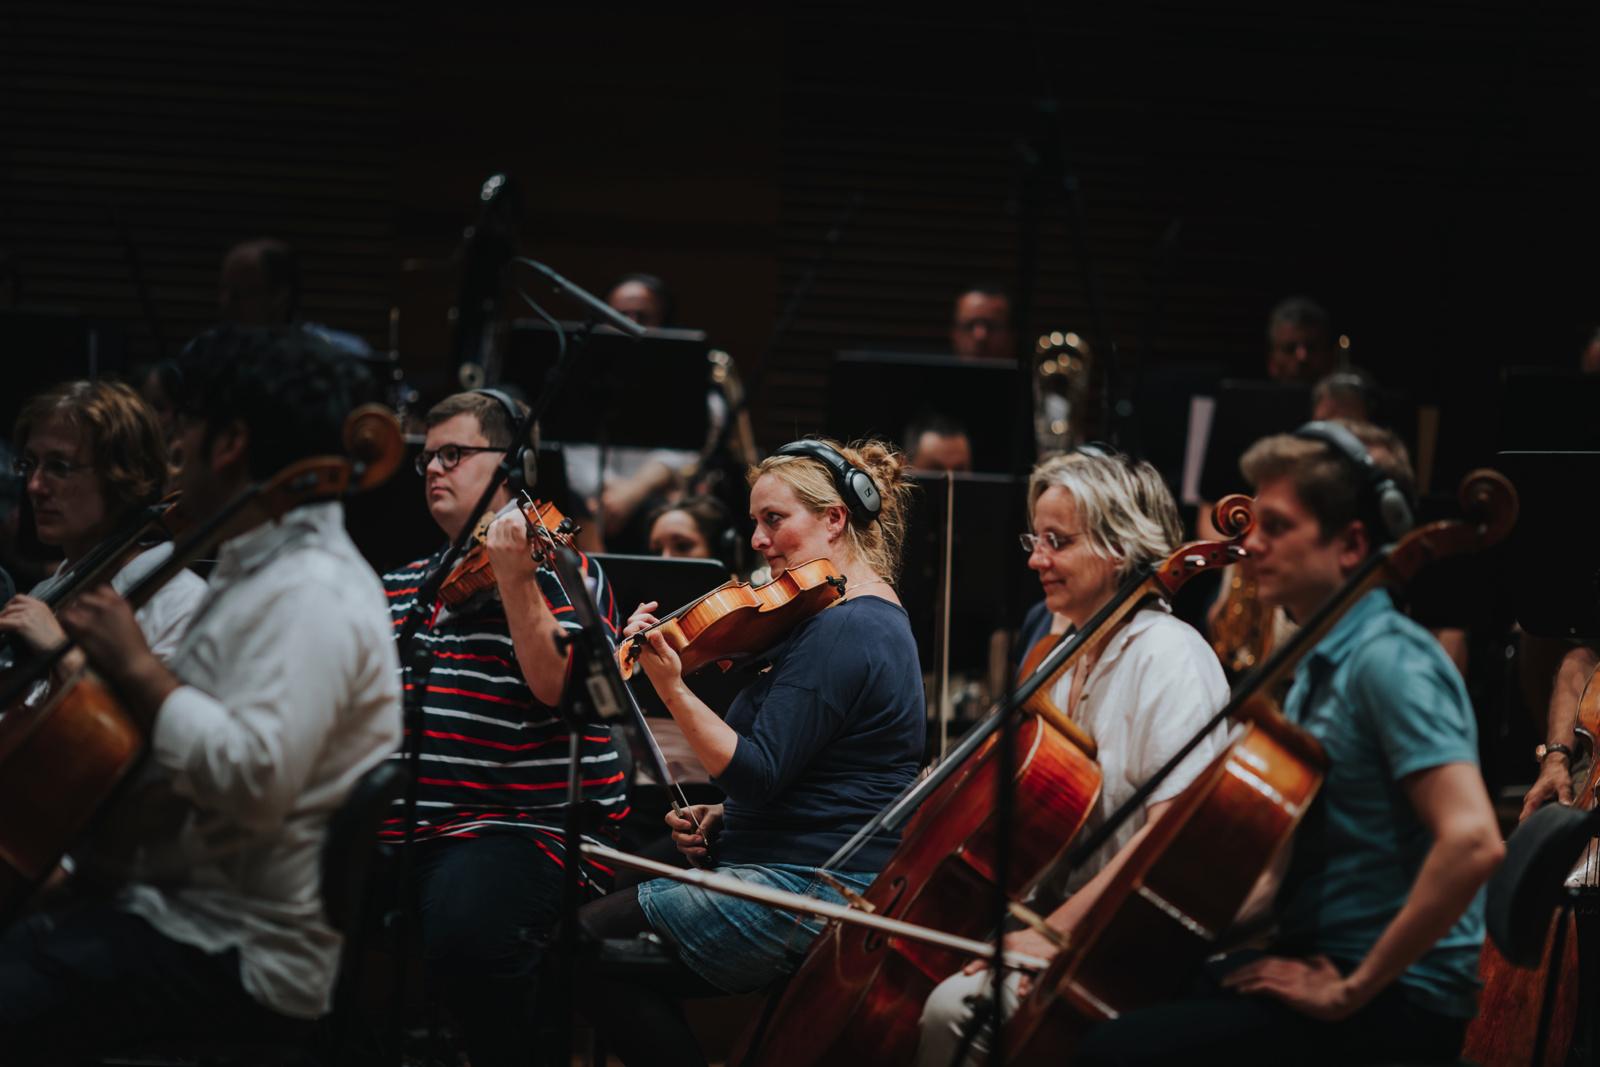 cd1a7aa34c73948b-Orchesteraufnahme_Weimar_IMG_6076-1.jpg